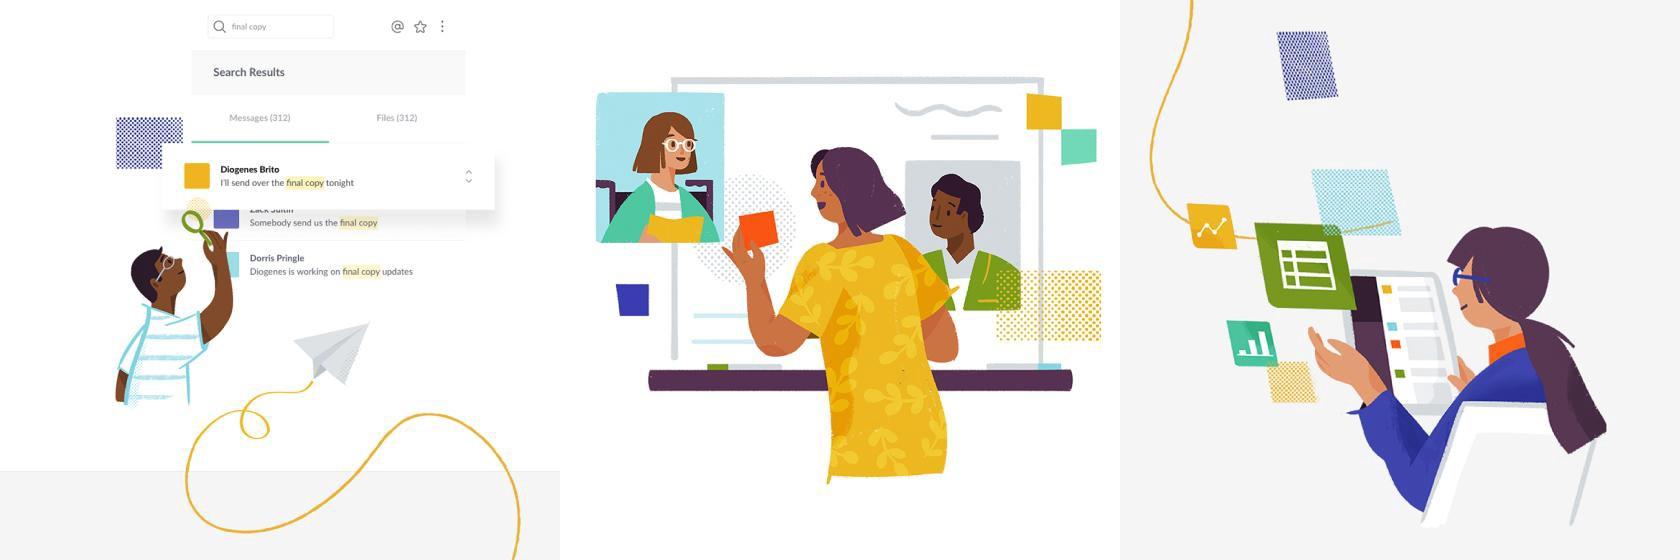 Чем полезна система иллюстраций бренда?